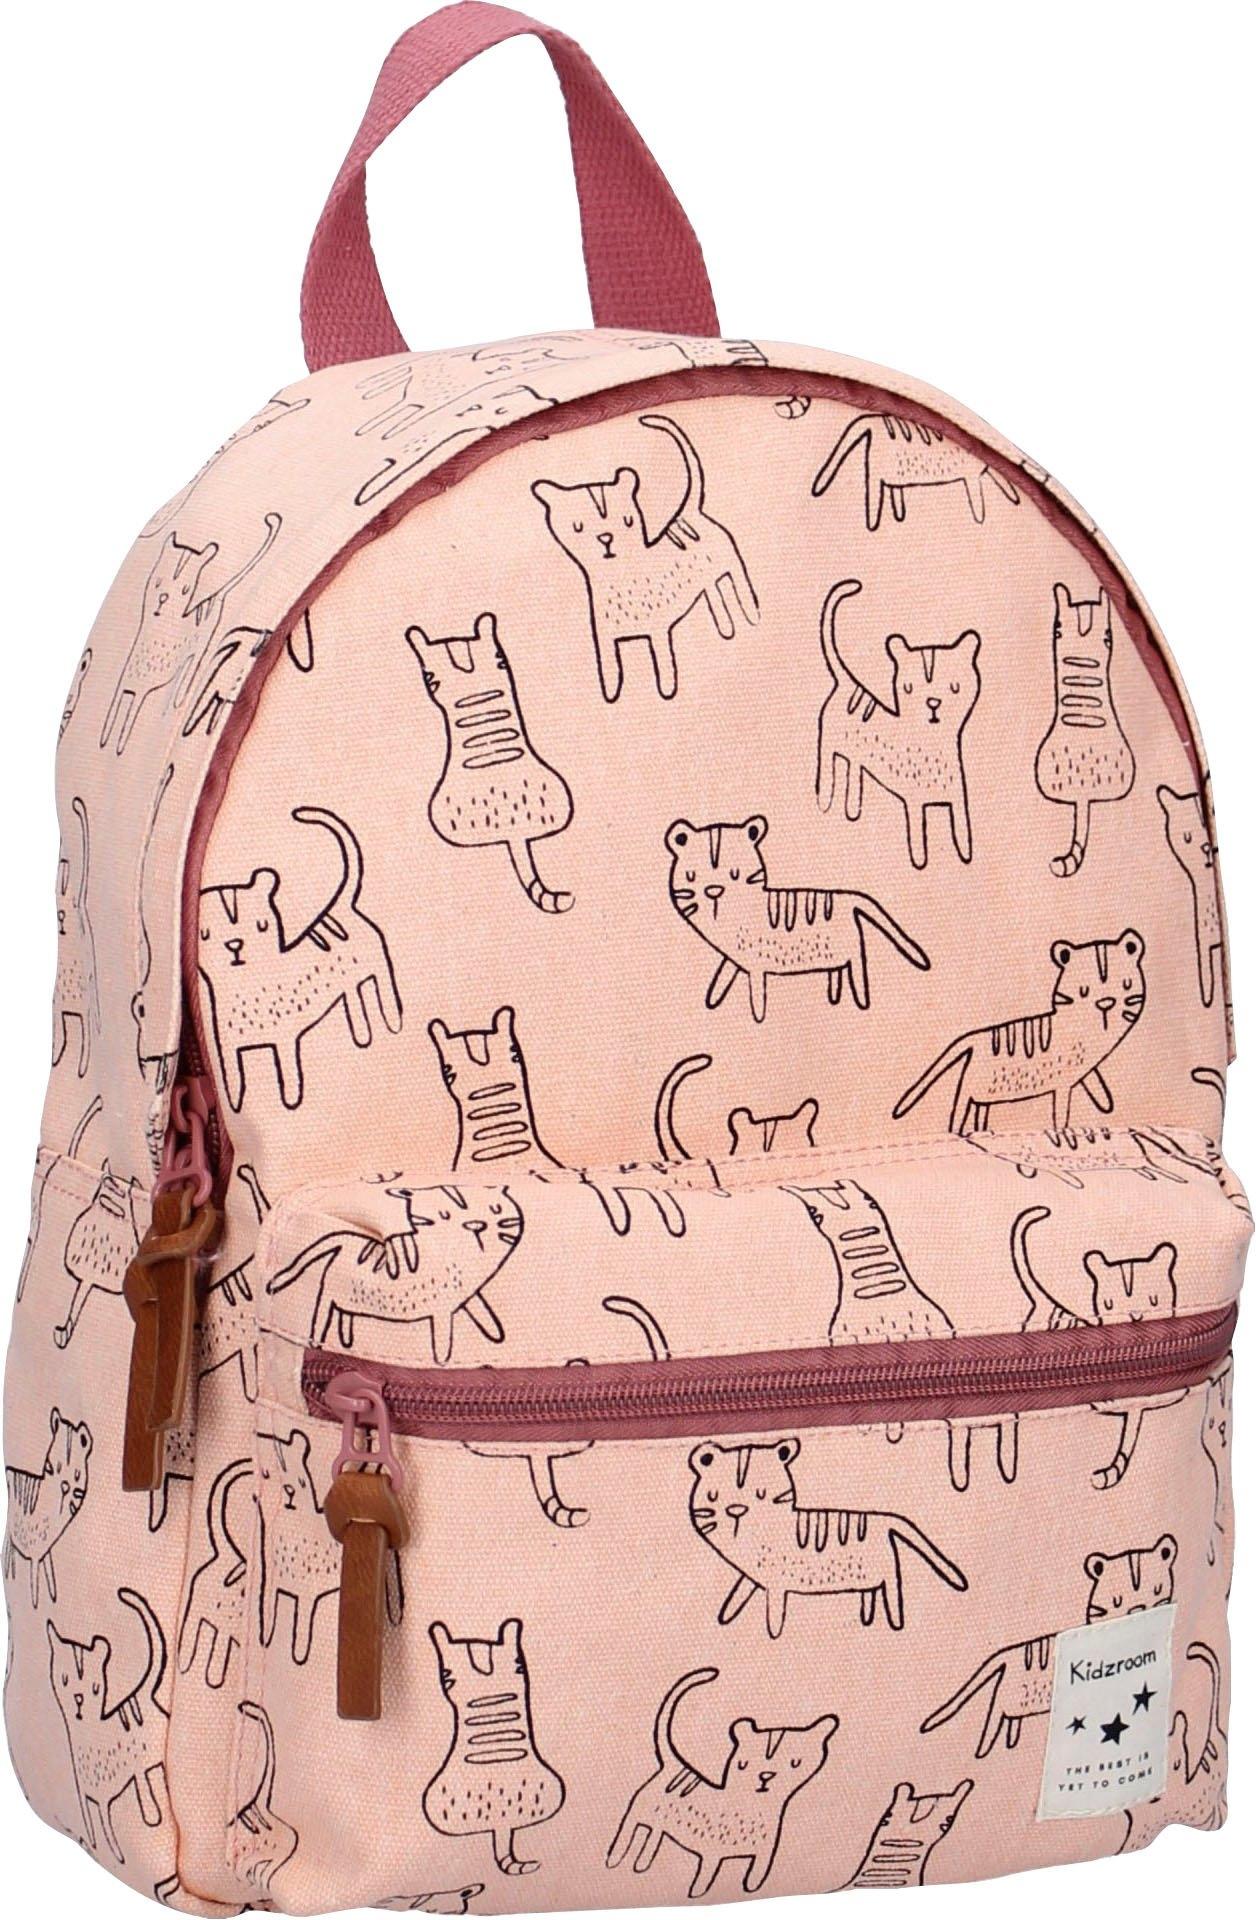 Kidzroom kinderrugzak »Animal Academy Cat Small« nu online bestellen